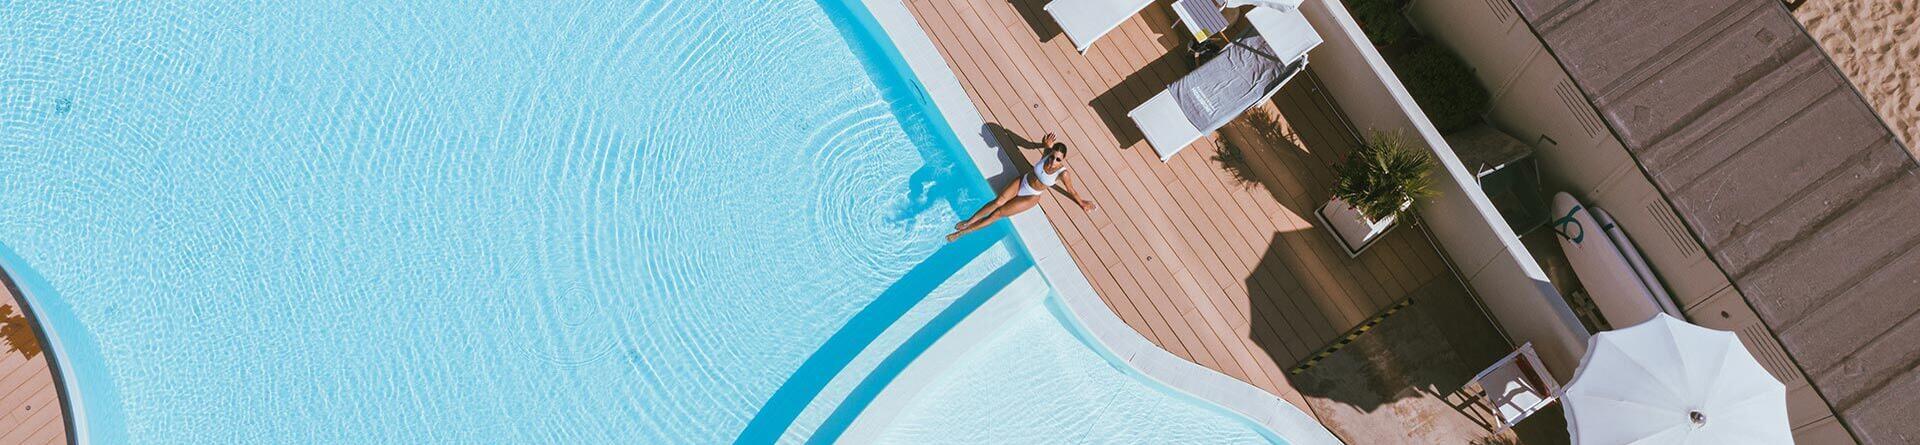 hotelnautiluspesaro it hotel-con-piscina-pesaro 008